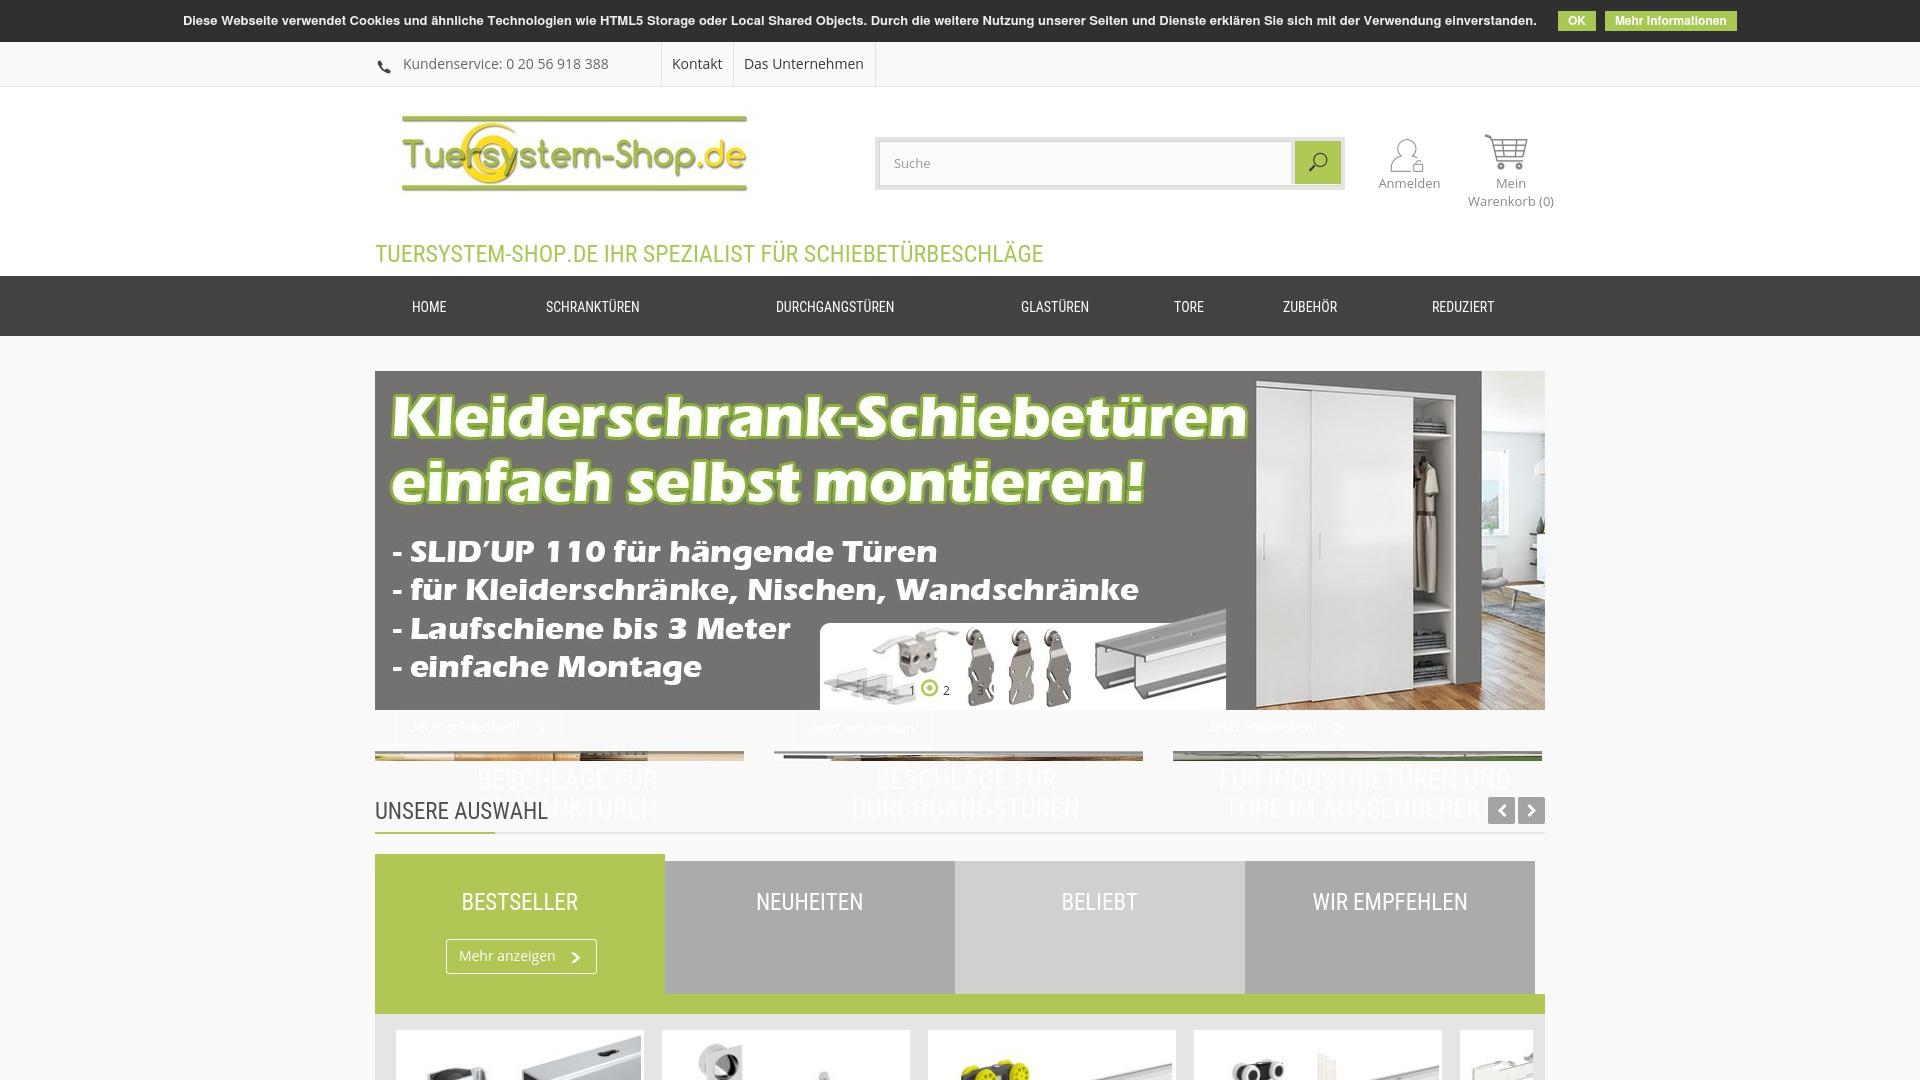 Gutschein für Tuersystem-shop: Rabatte für  Tuersystem-shop sichern